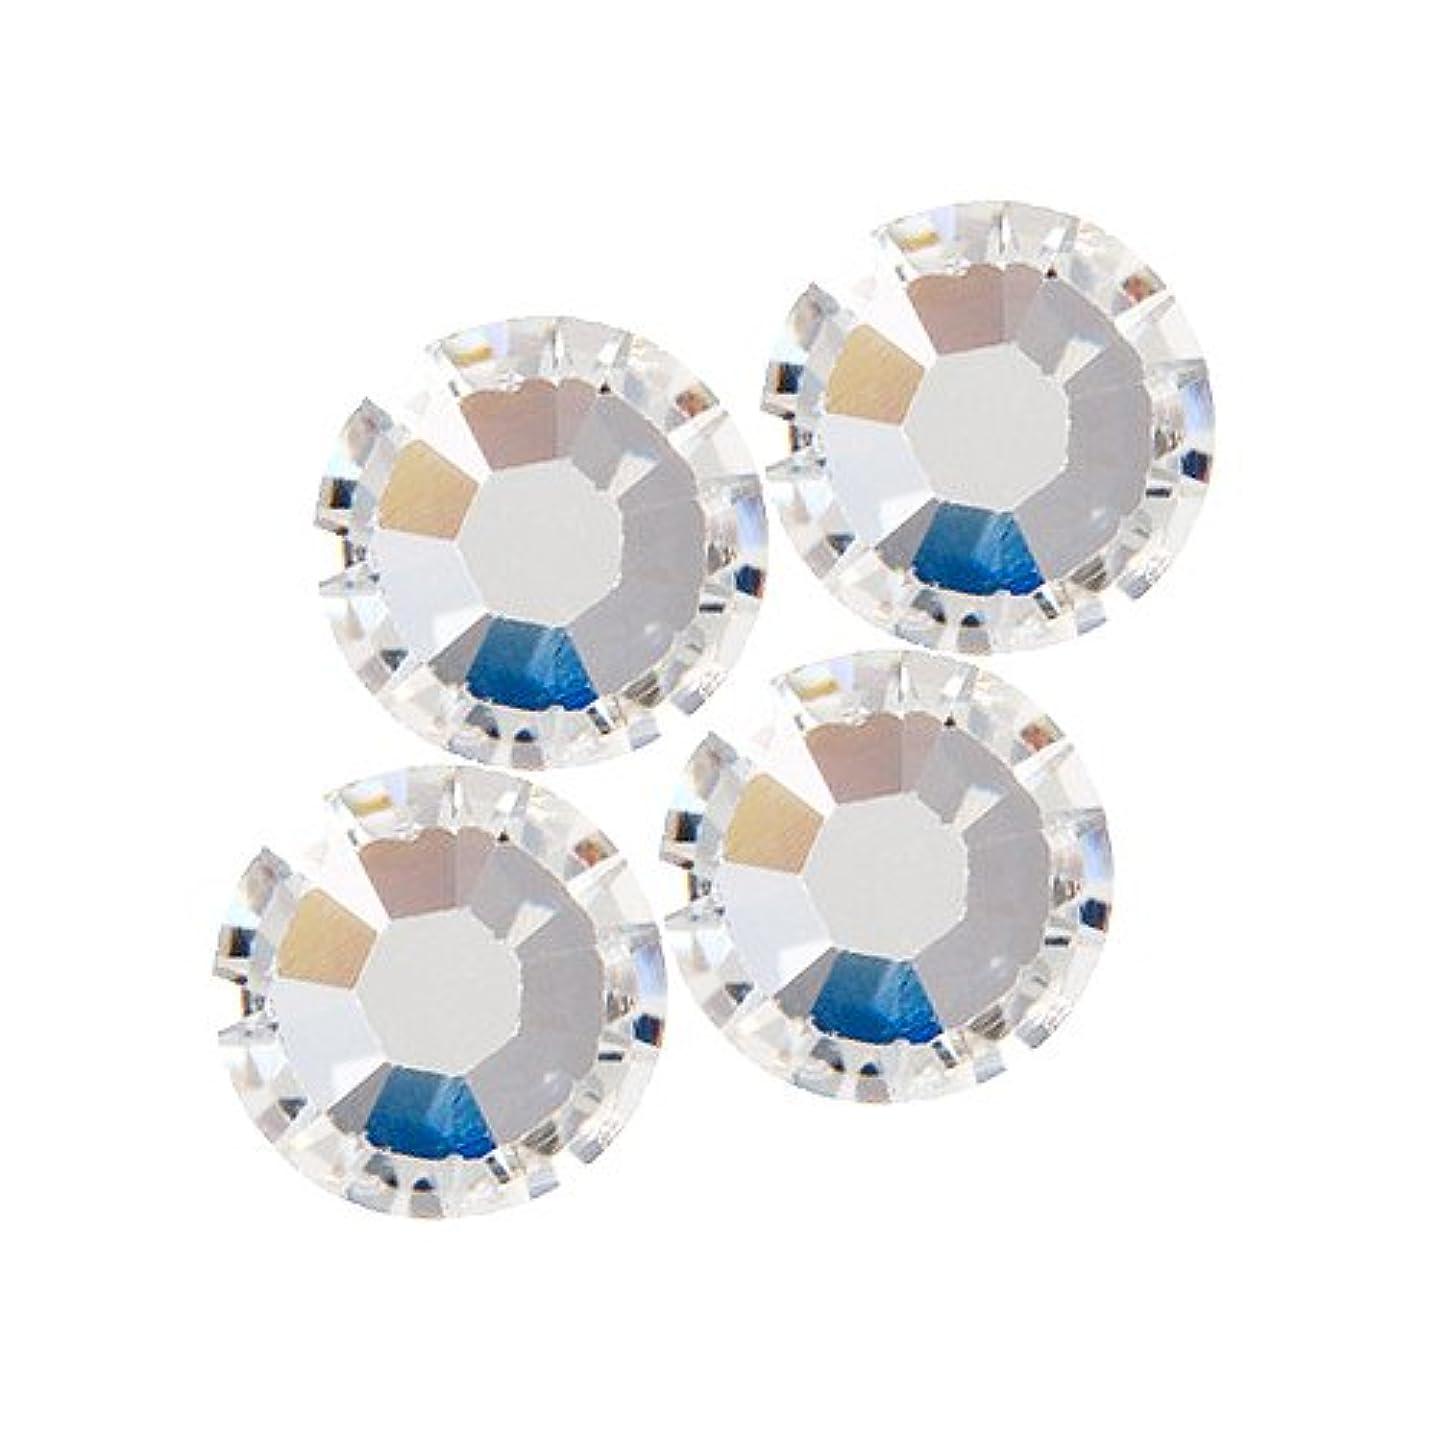 アウトドア範囲時折バイナル DIAMOND RHINESTONE  クリスタル SS6 720粒 ST-SS6-CRY-5G